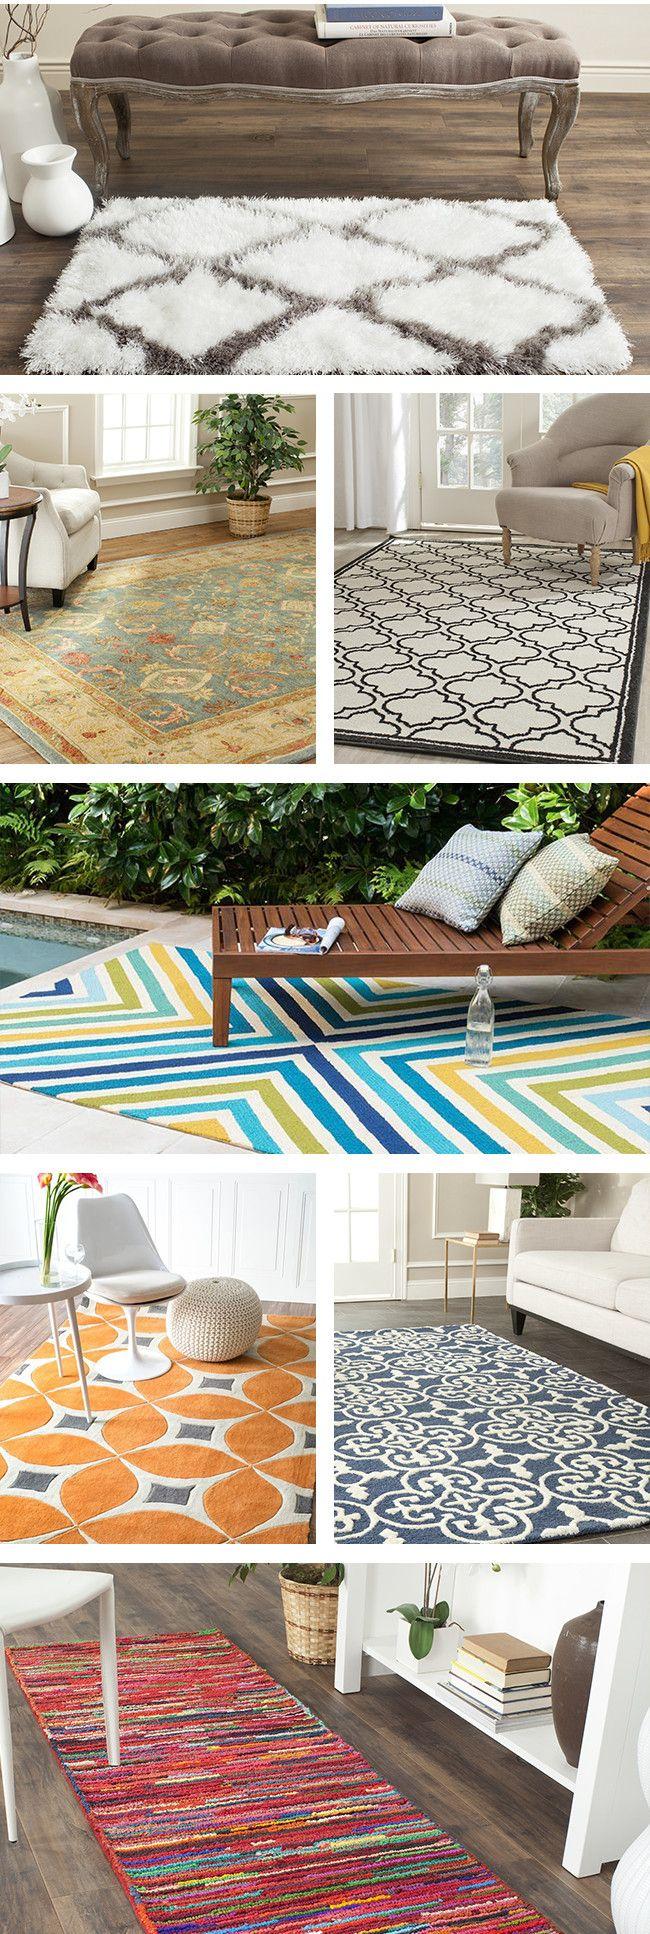 Die besten  Bilder zu Fabric u Textiles Prints u Patterns auf